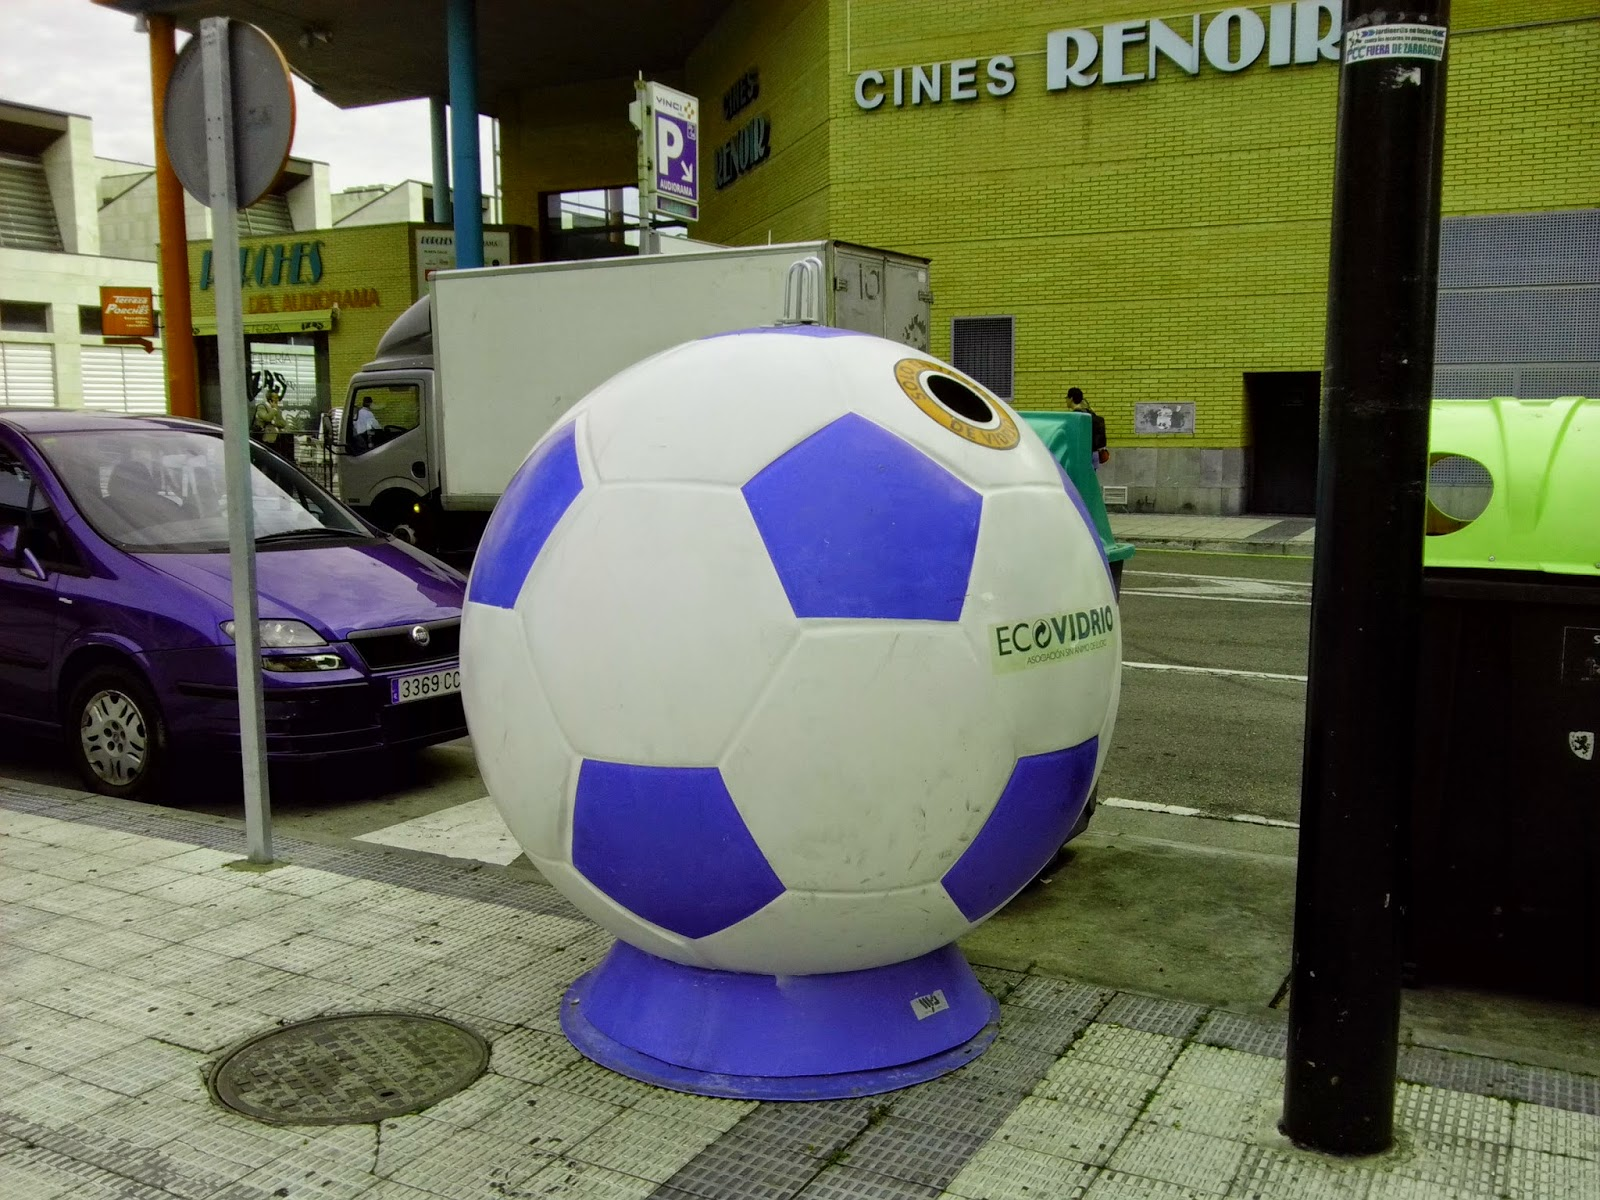 Contenedores de vidrio con forma de balón de futbol azul y blanco en los alrededores de la Romareda